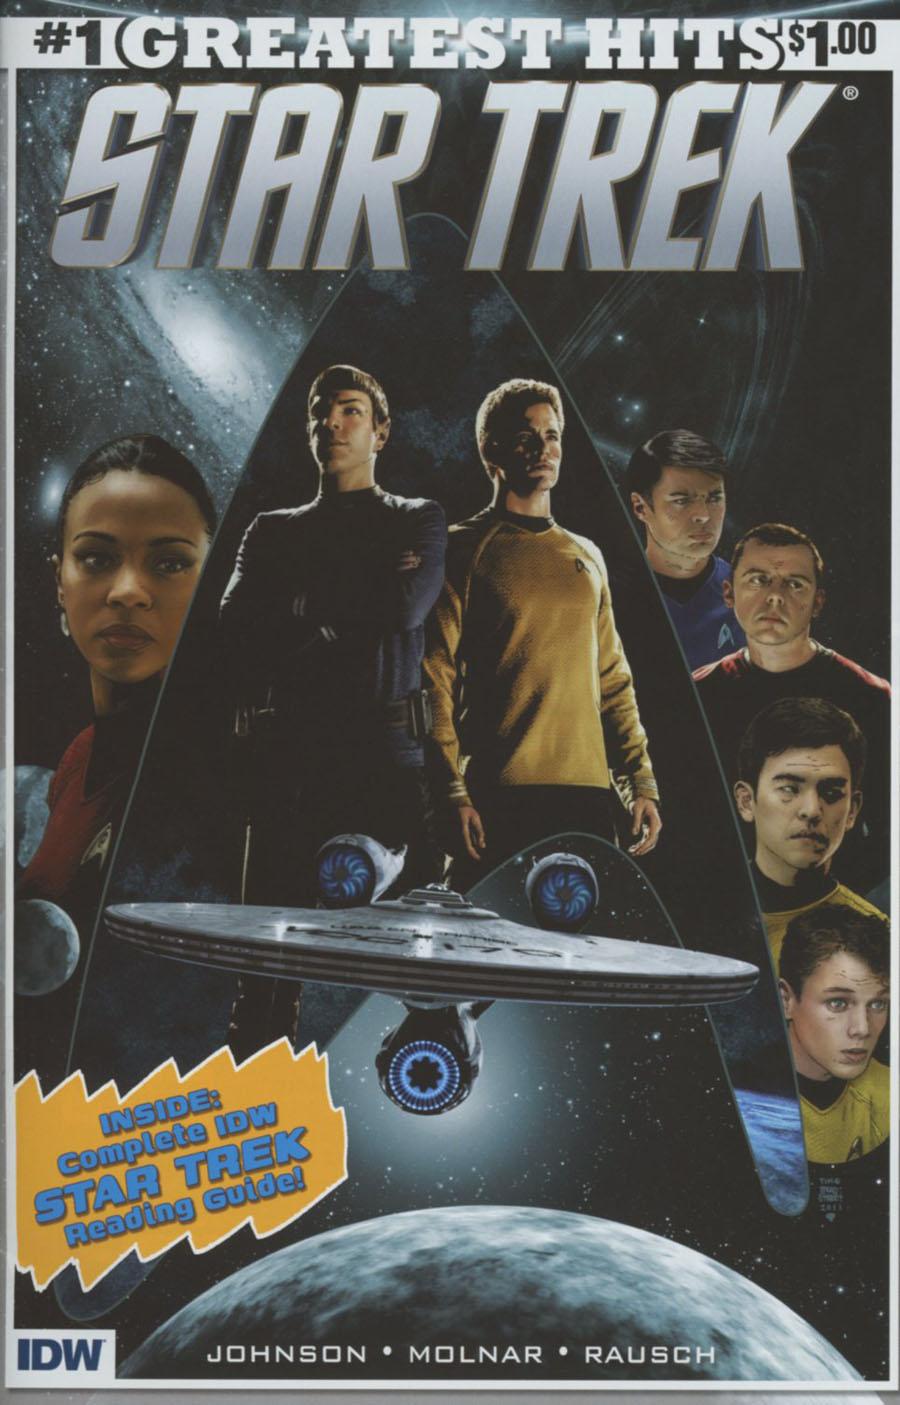 Star Trek (IDW) #1 Cover J IDWs Greatest Hits